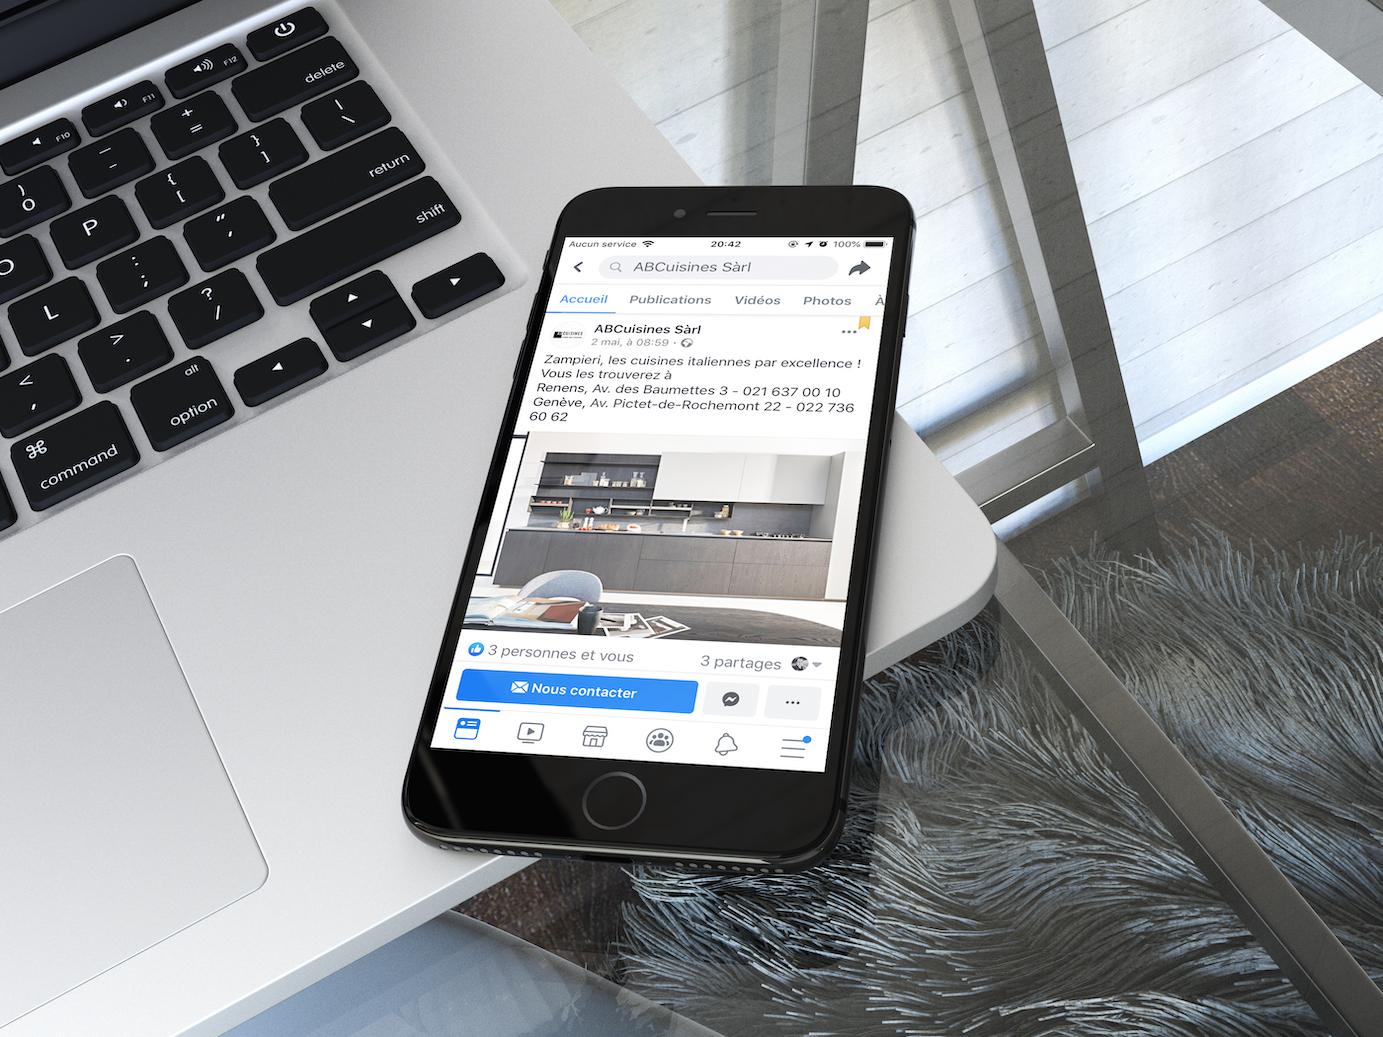 agence SEA experte, certifiée Google Ads spécialisée dans la création et l'optimisation de campagnes publicitaires sur les moteurs de recherche et les réseaux sociaux